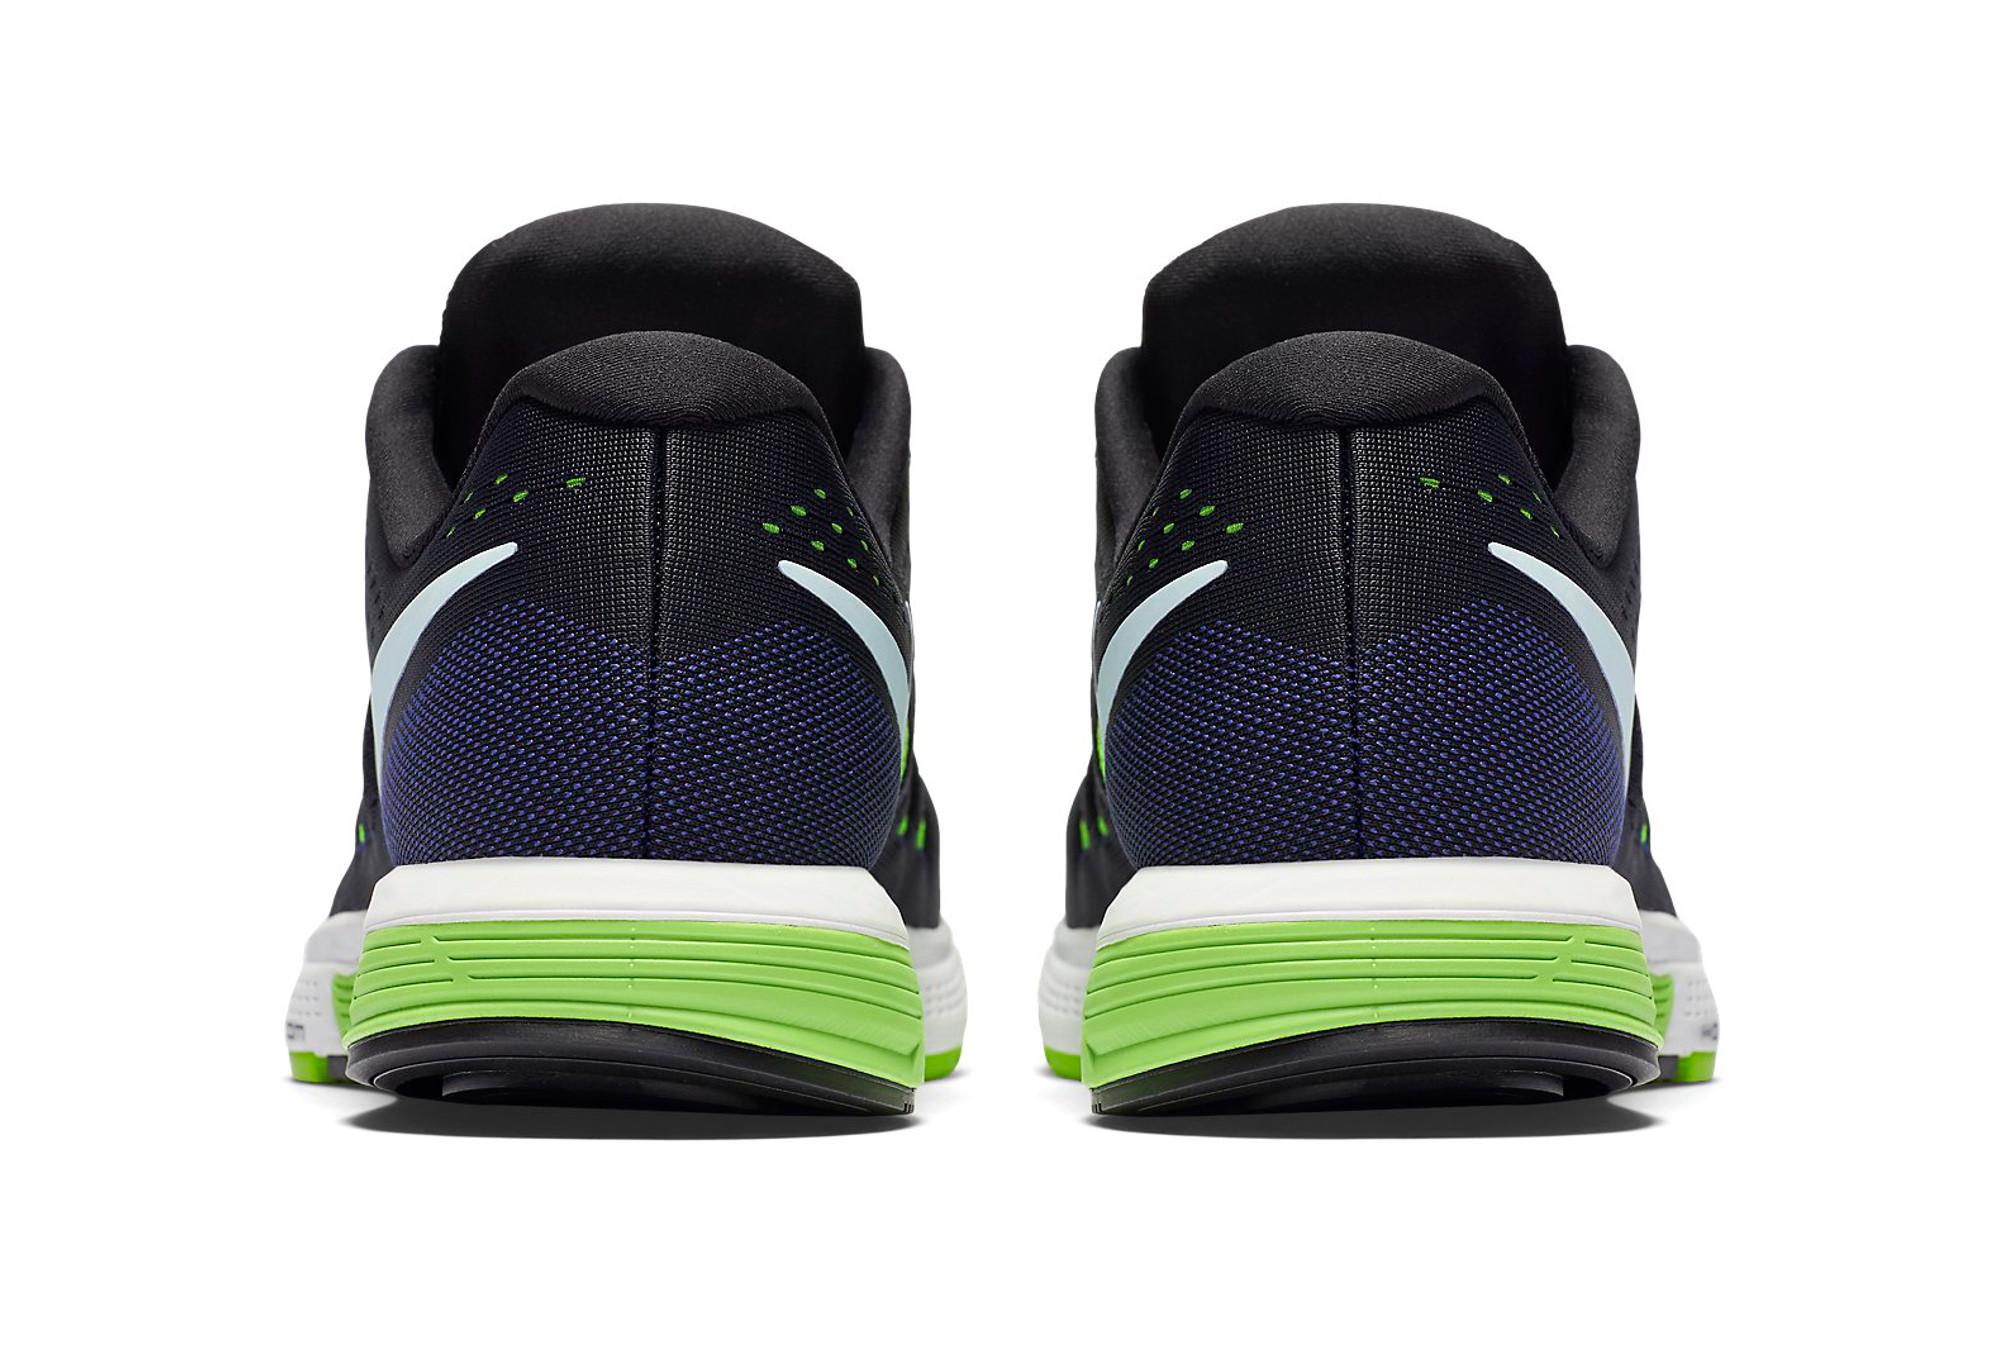 33f2b439ef202 NIKE Shoes AIR ZOOM VOMERO 11 Black Green Men